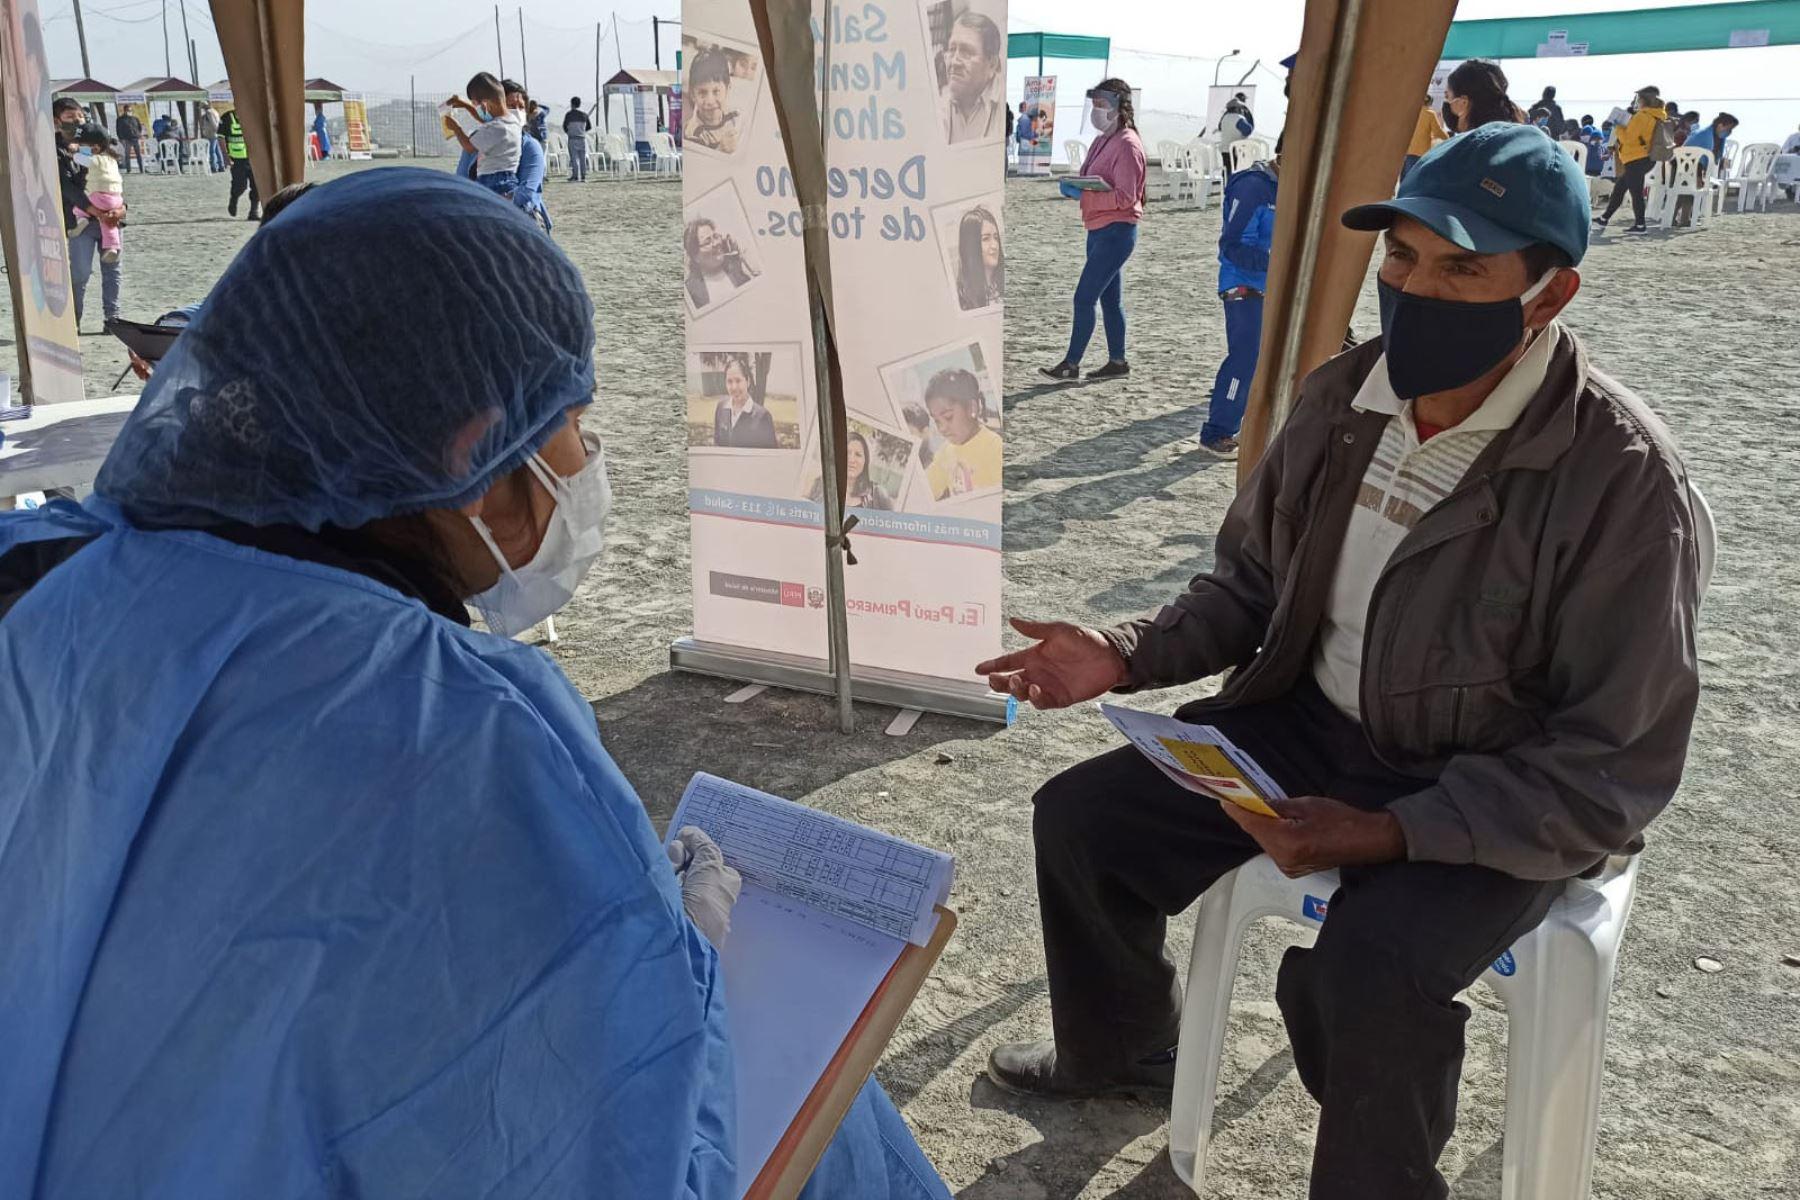 Equipo del Ministerio de Salud estuvieron en la zona de Manchay brindando atención integral de salud a la población de cuatro asentamientos humanos. Niños y adultos recibieron vacunación, descarte de covid -19 y orientación en salud mental ante la emergencia sanitaria.  Foto: Minsa